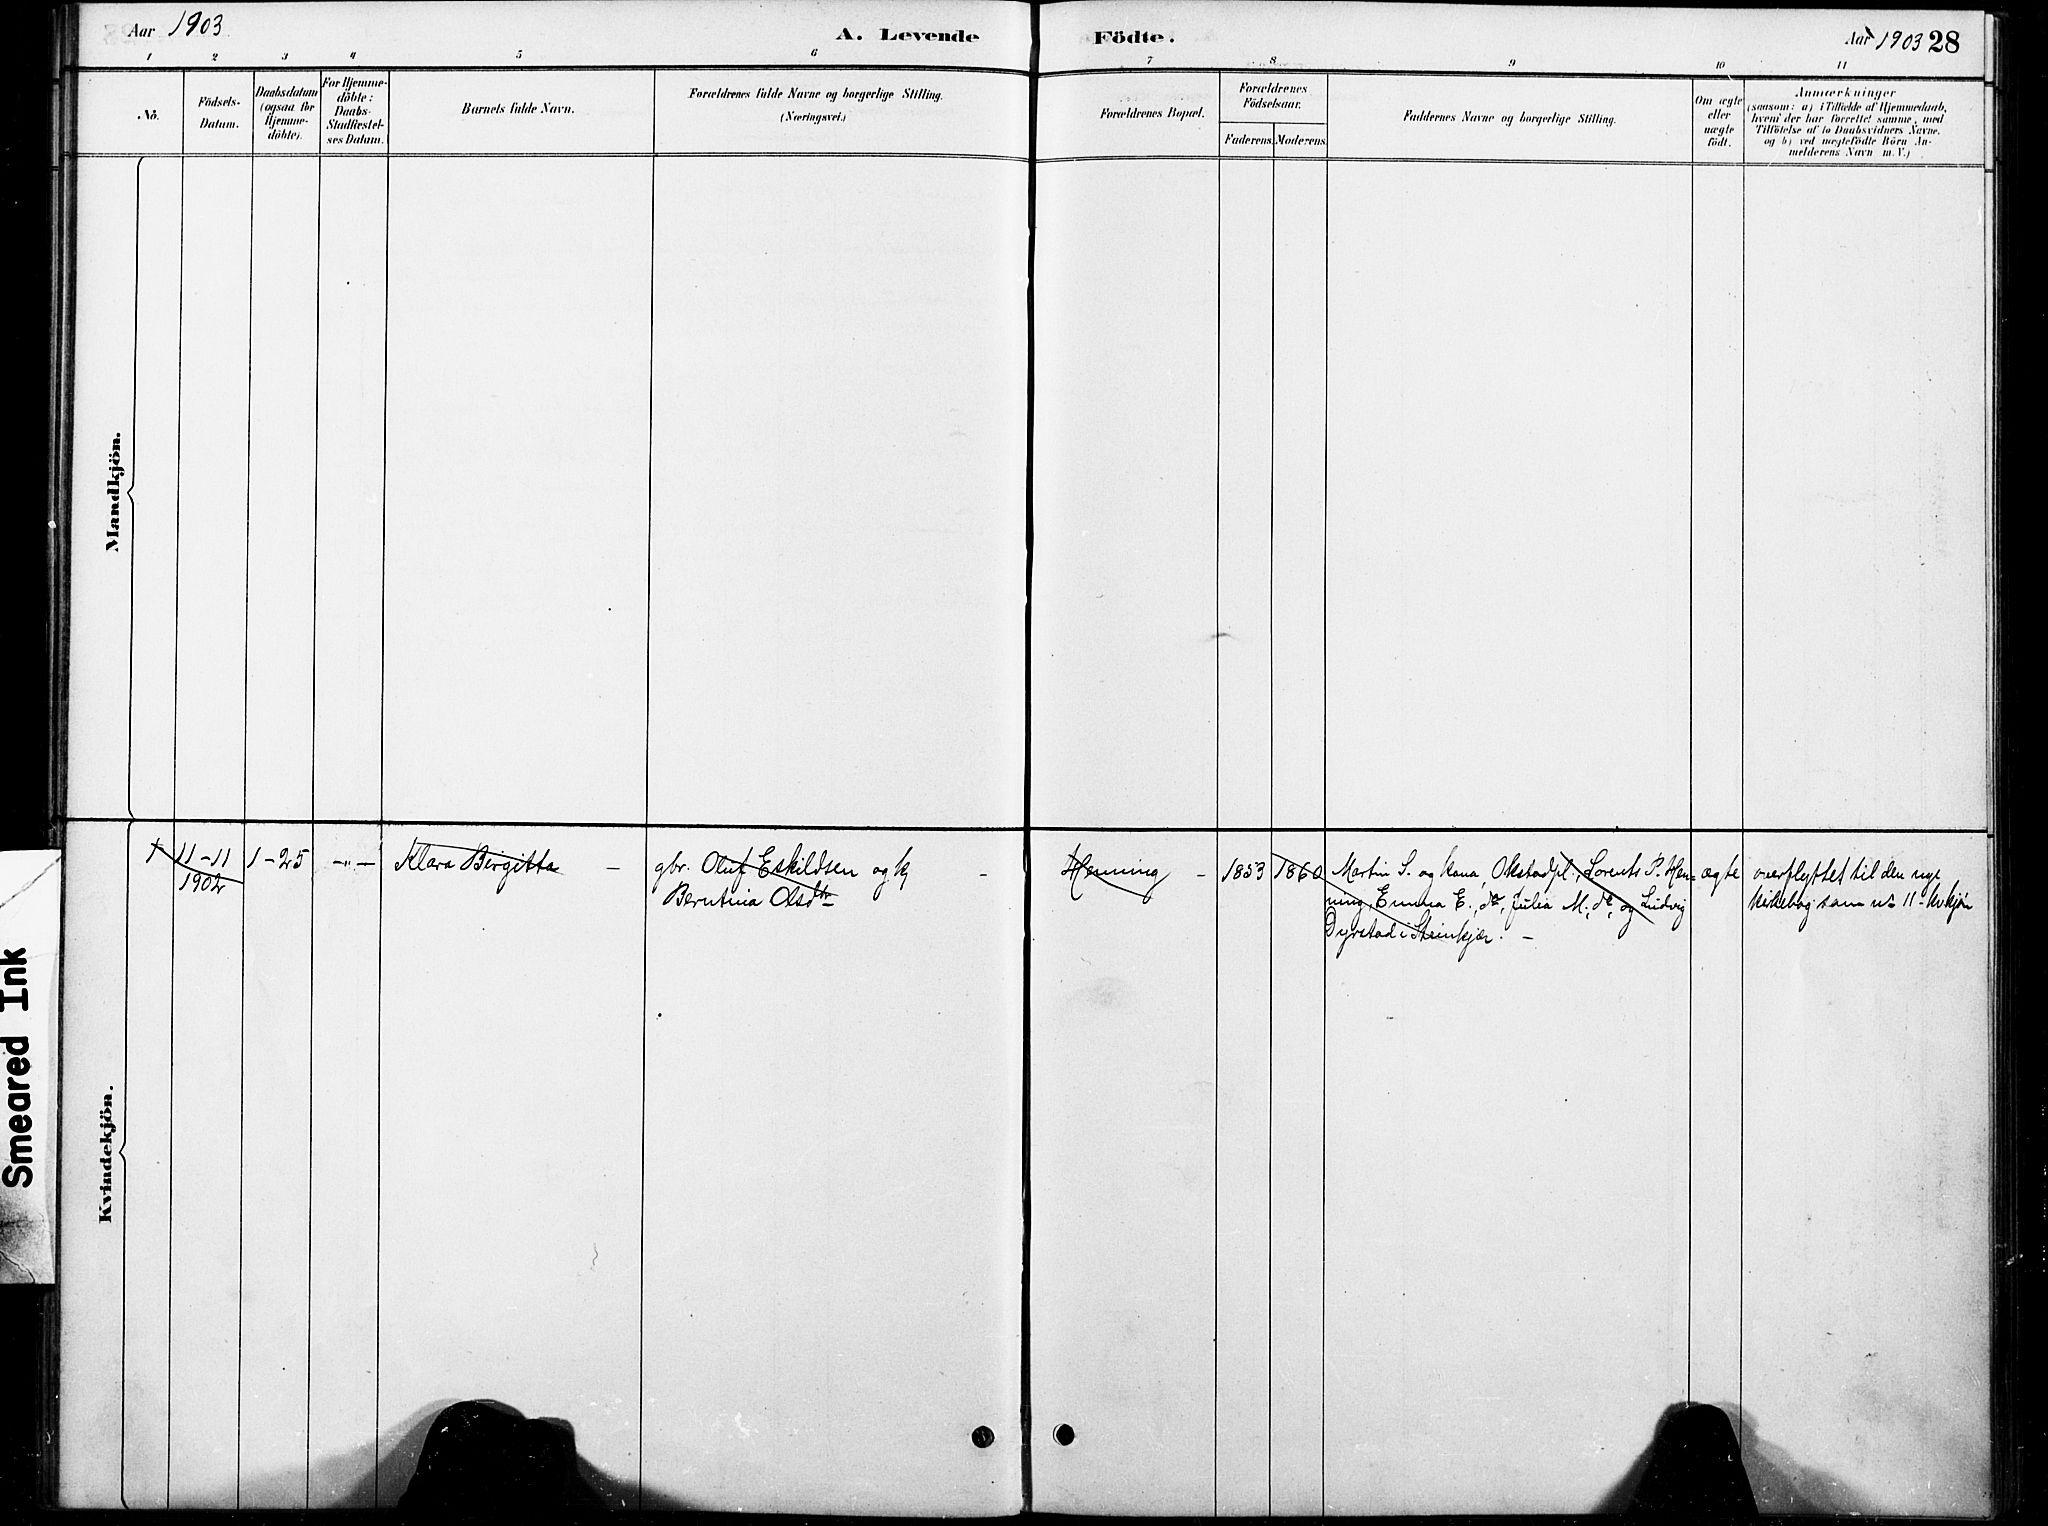 SAT, Ministerialprotokoller, klokkerbøker og fødselsregistre - Nord-Trøndelag, 738/L0364: Ministerialbok nr. 738A01, 1884-1902, s. 28